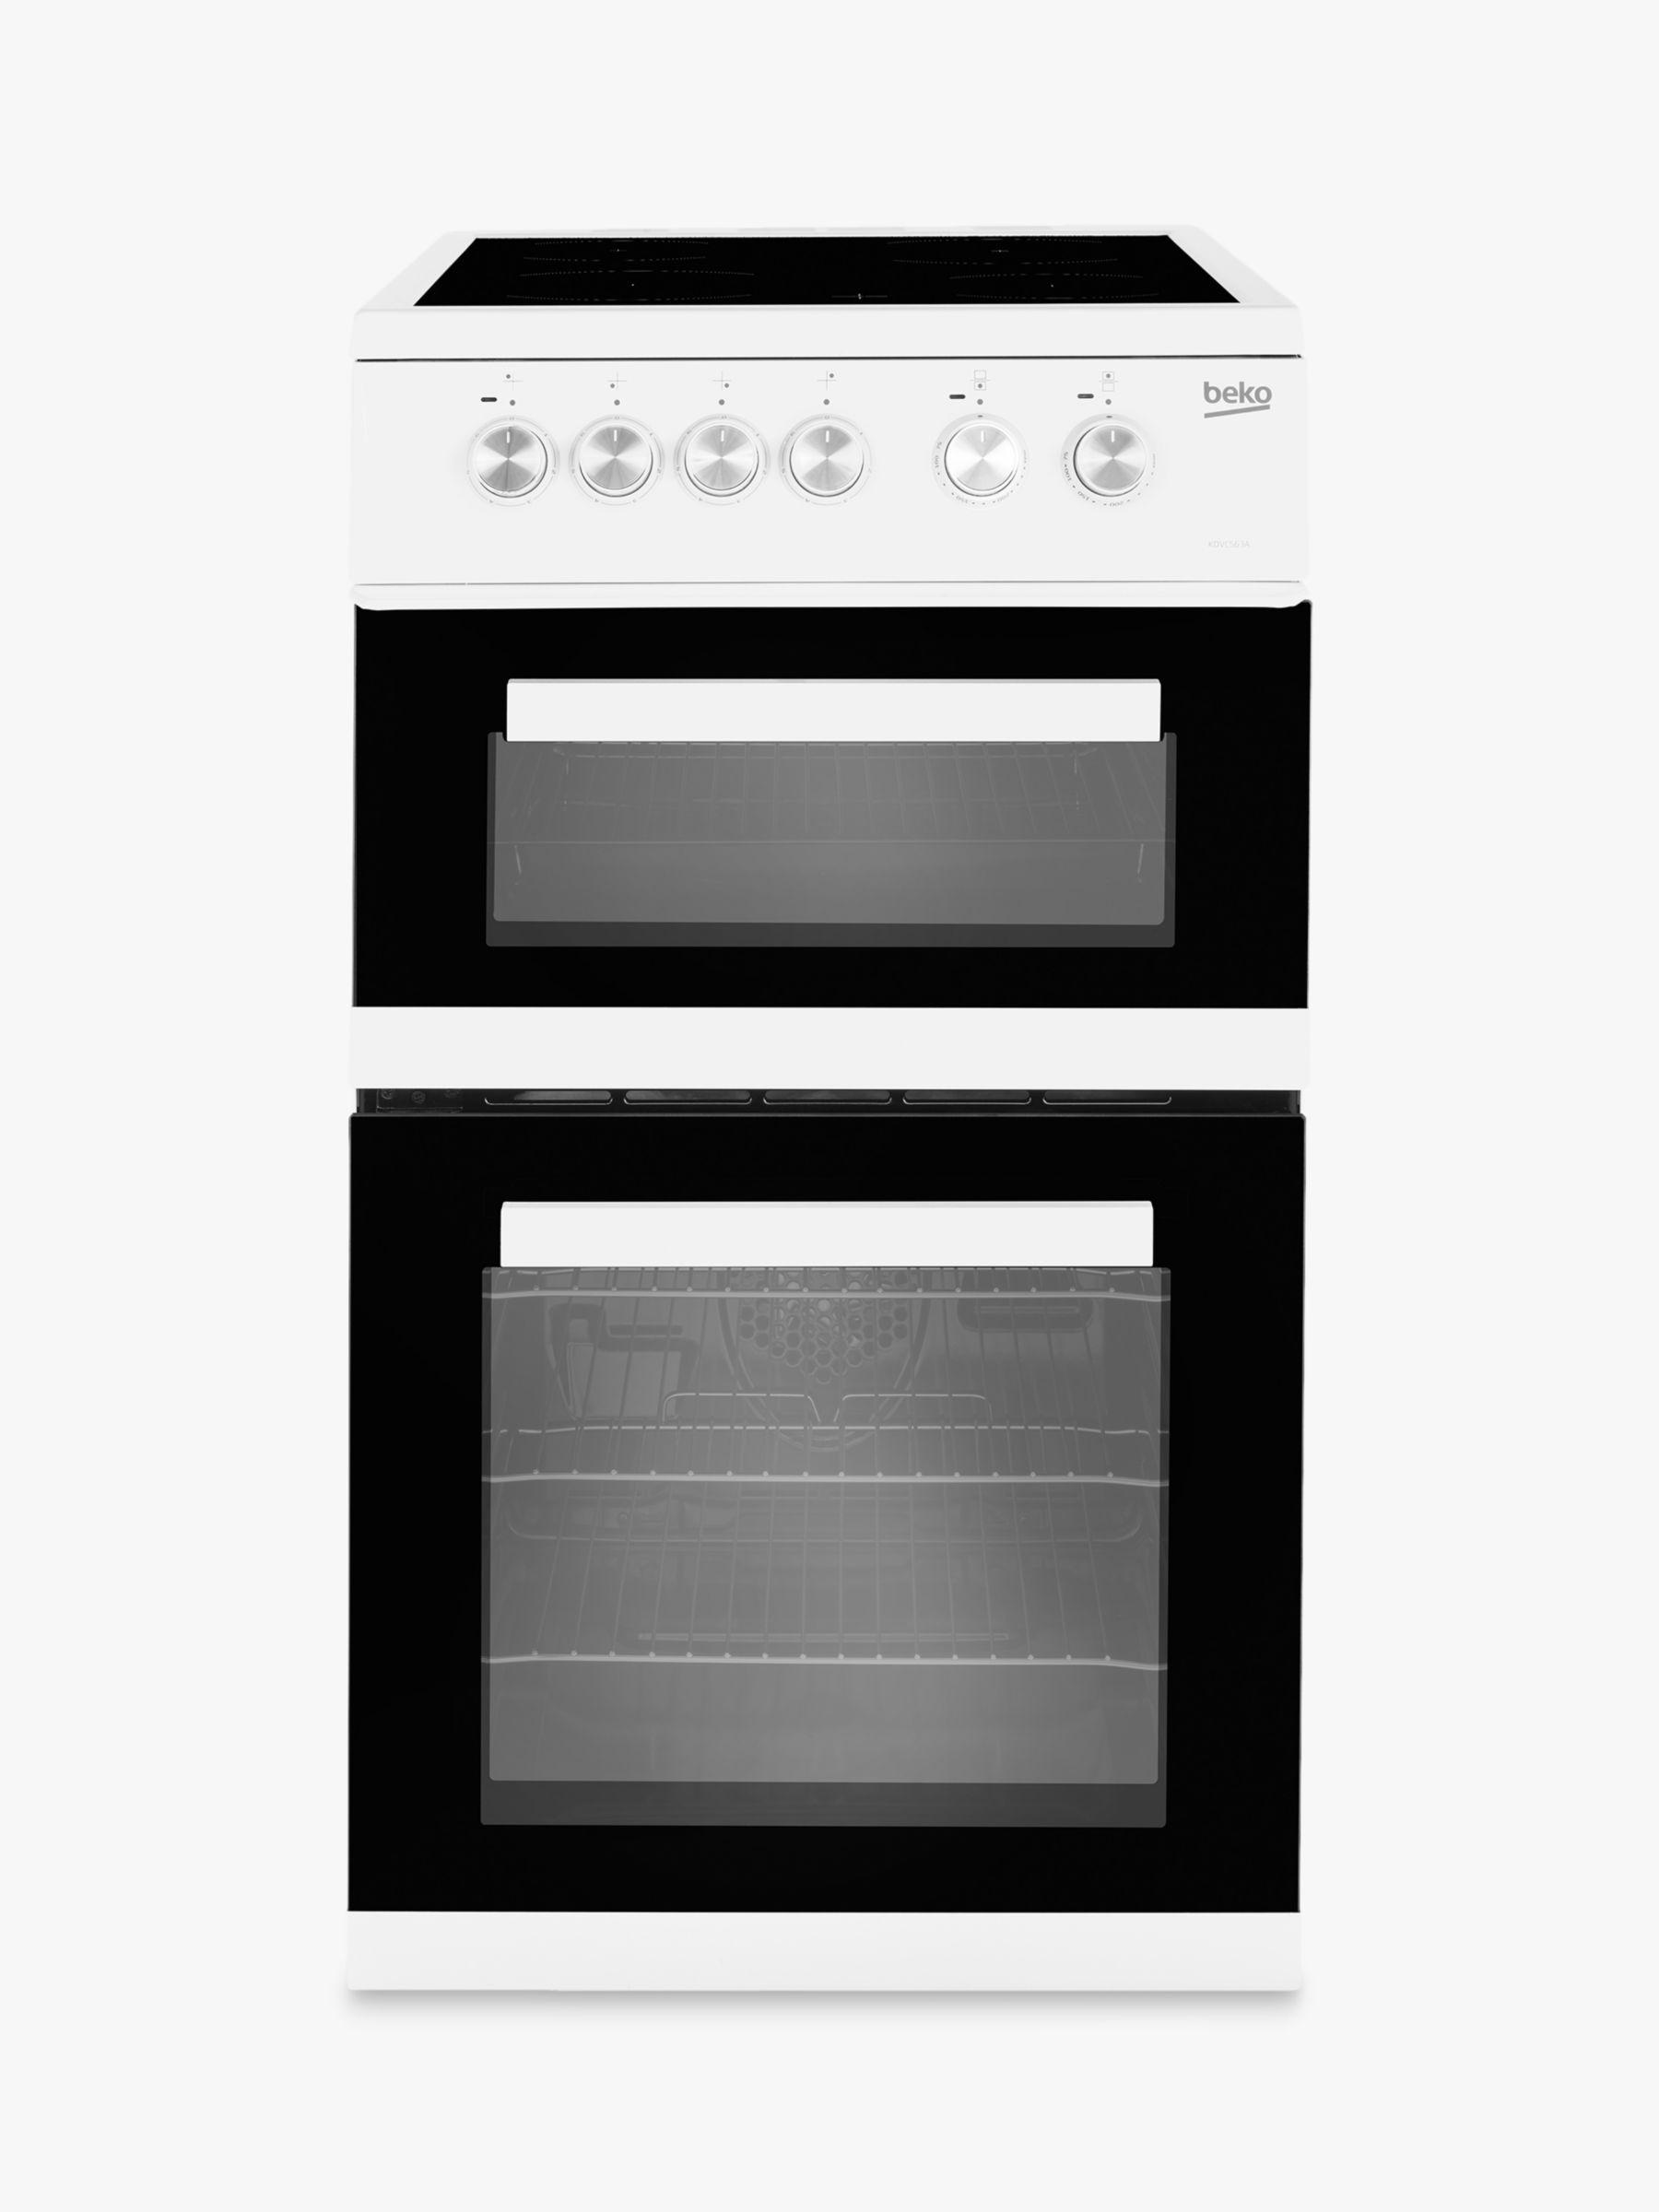 Beko Beko KDVC563AW Double Electric Oven Cooker, White